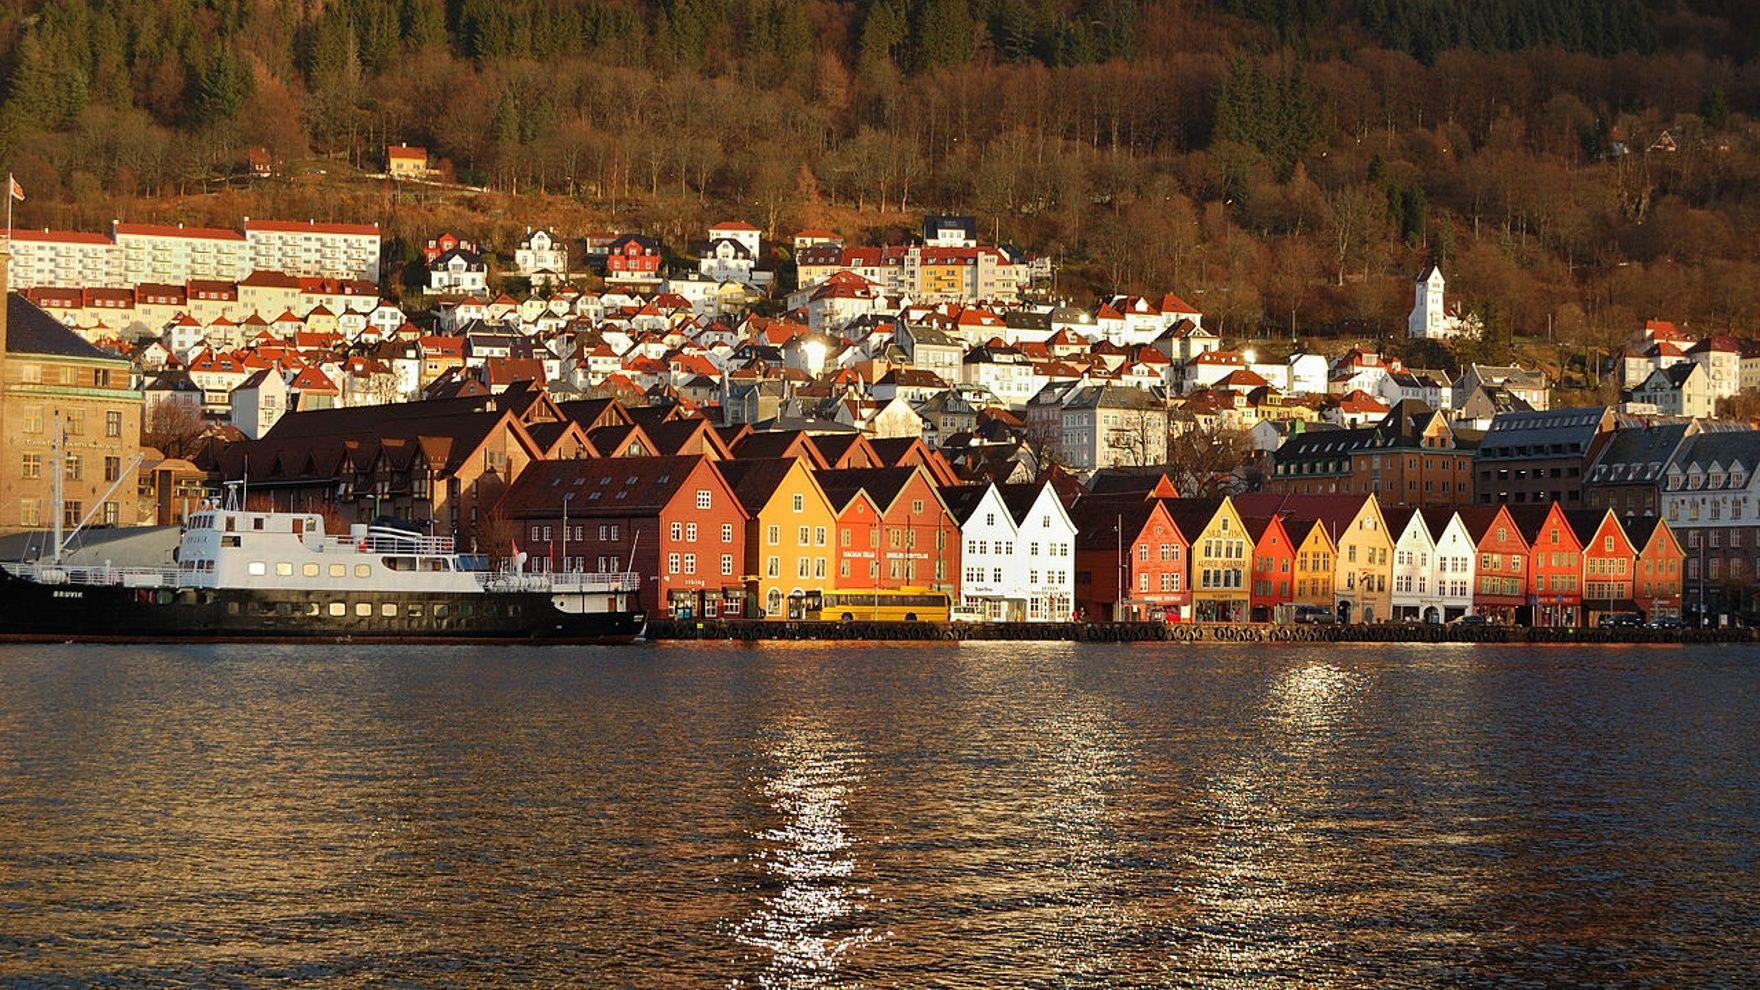 Norweigian route. Stavenger - Bergen